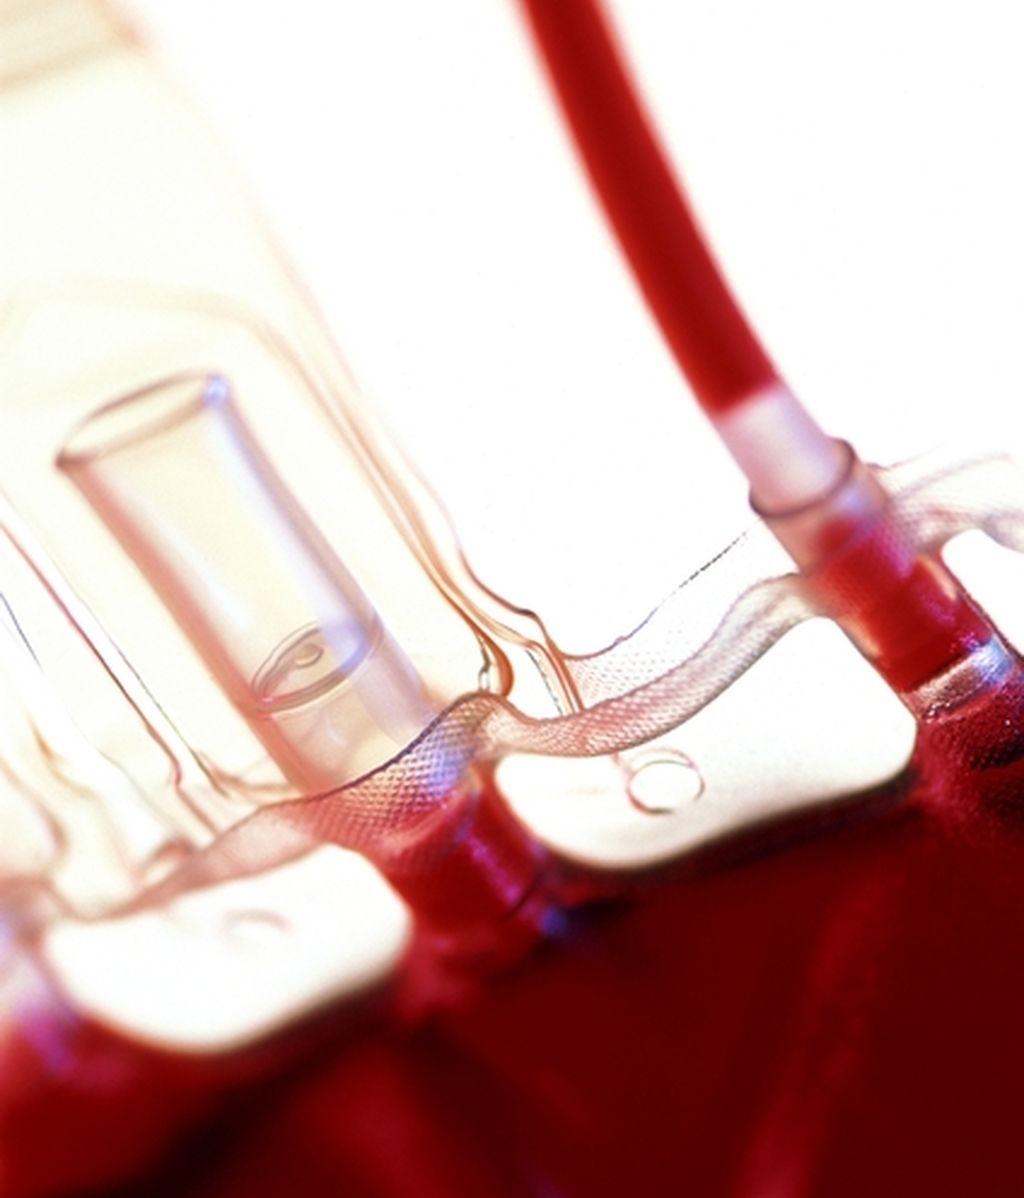 Una transfusión de sangre ha salvado la vida del bebé. Foto: Gtres